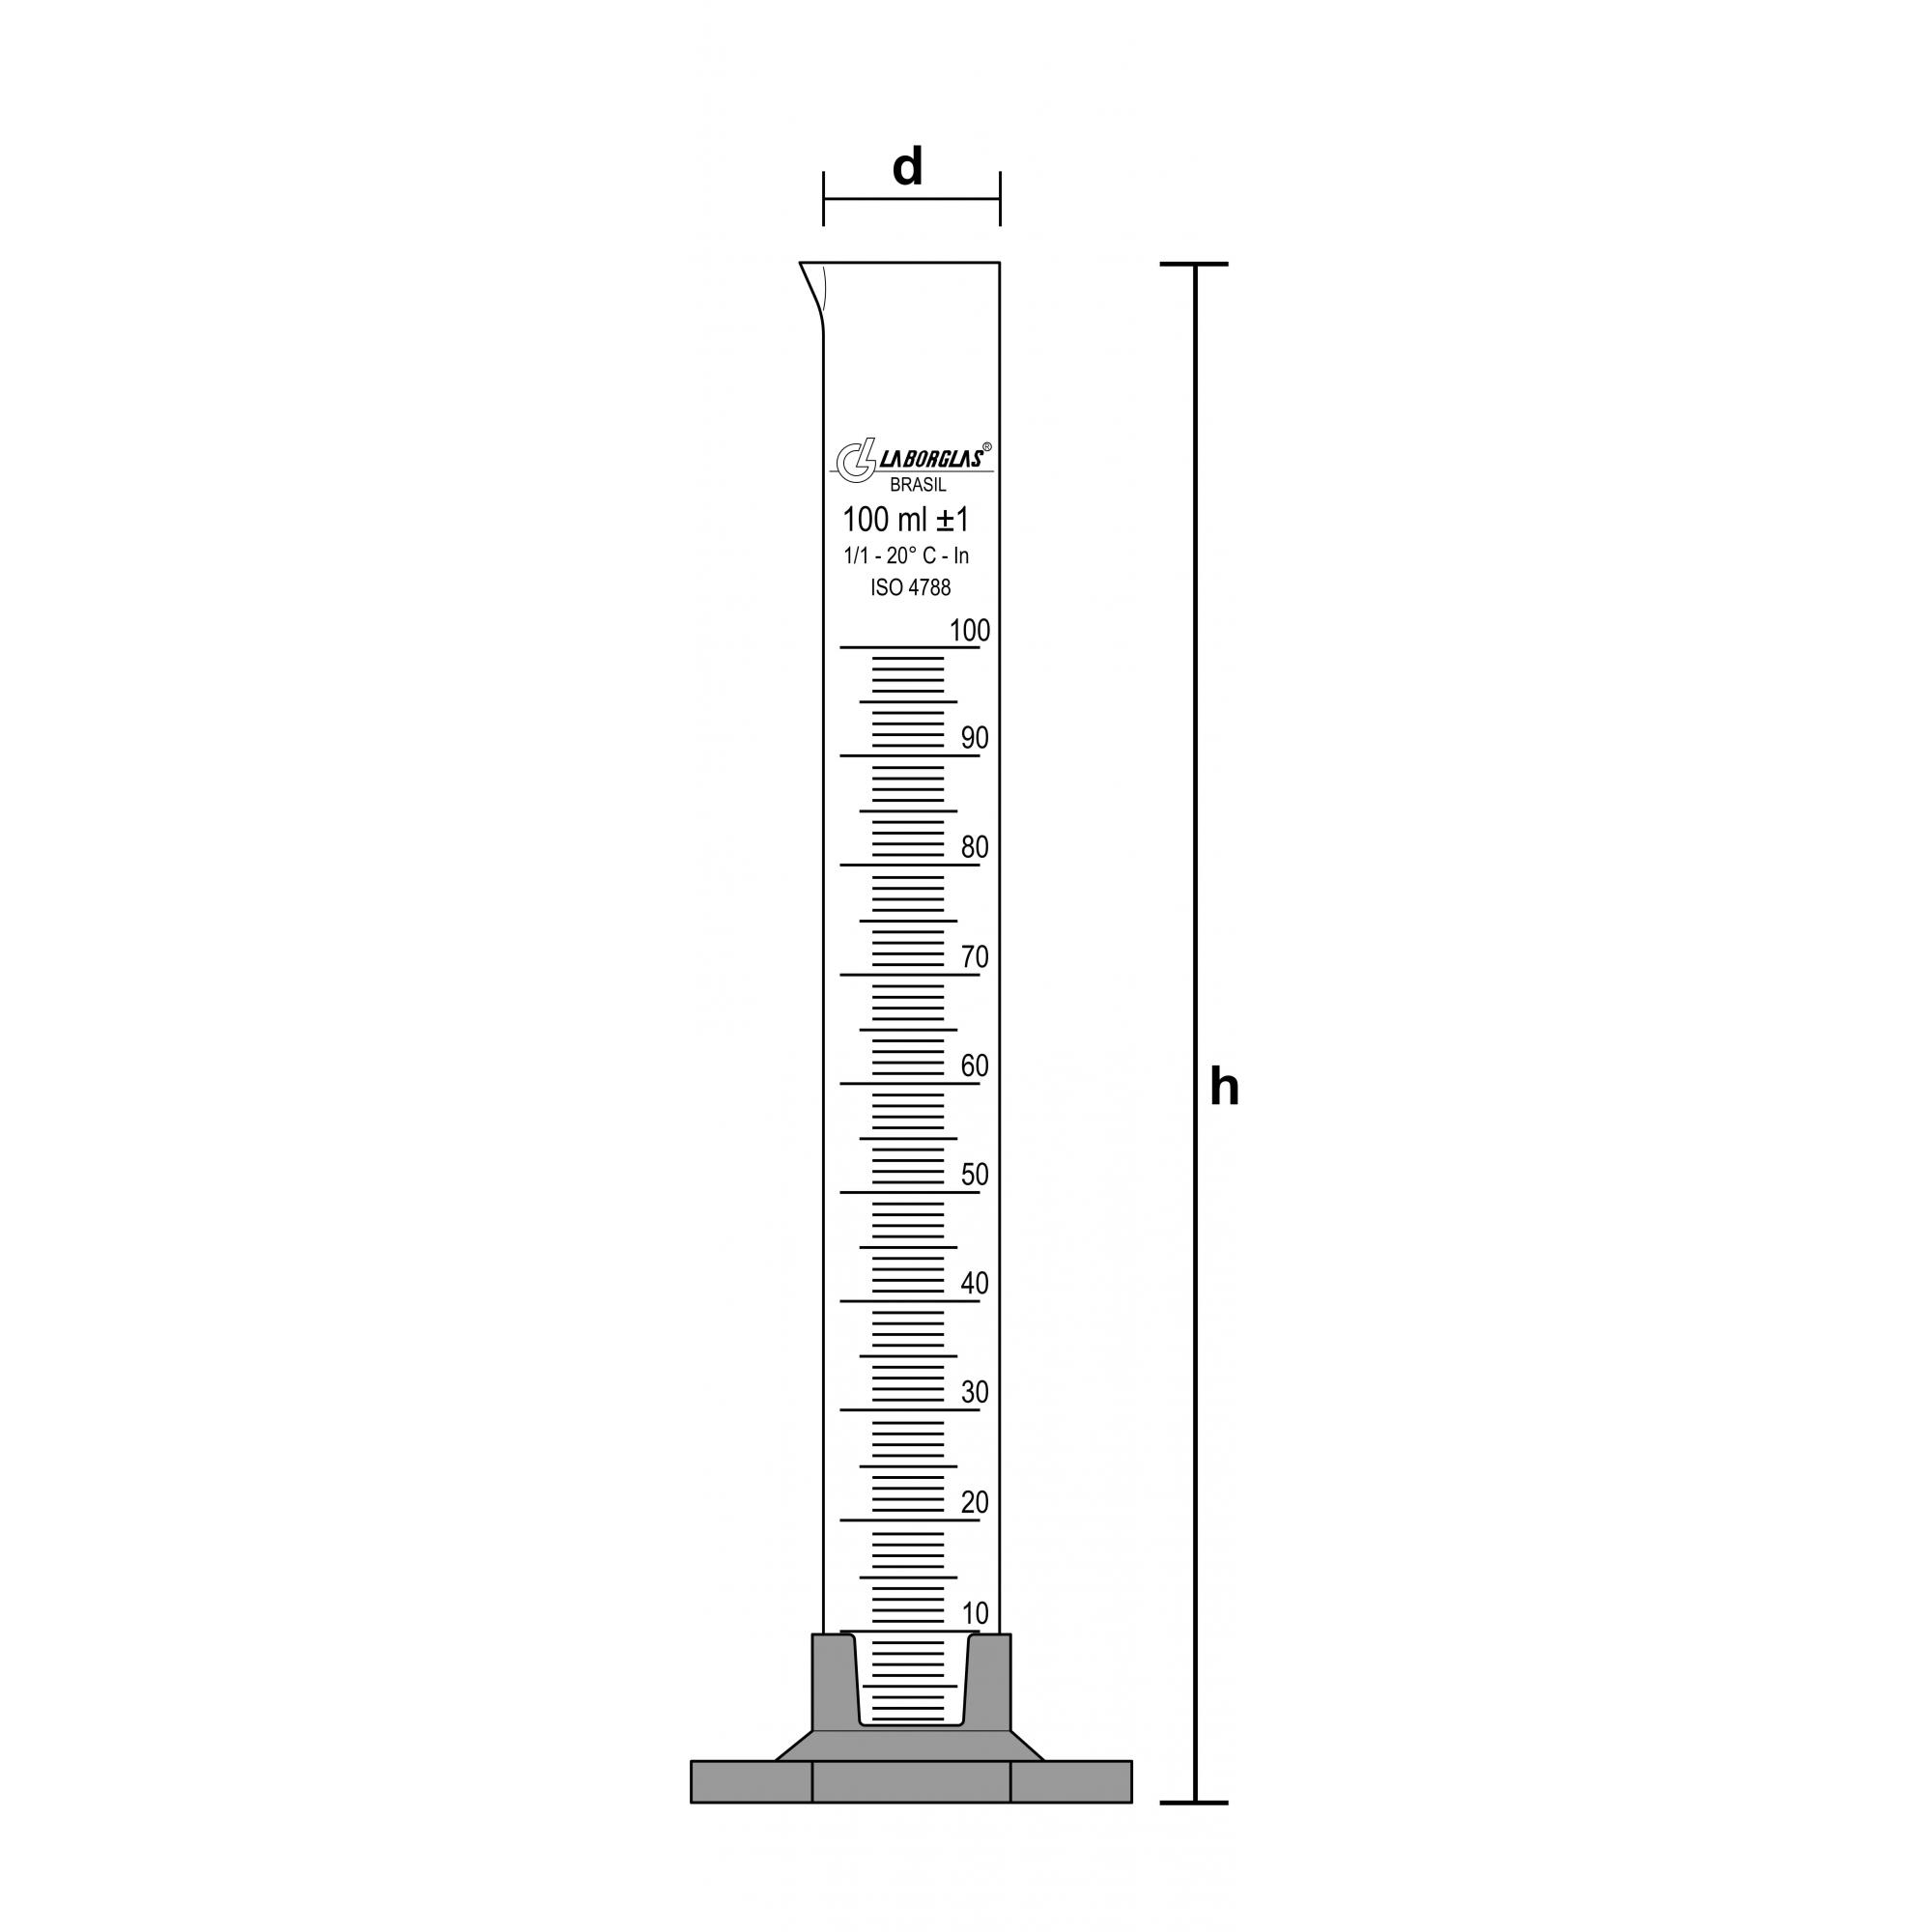 PROVETA GRADUADA BASE HEXAGONAL DE POLIPROPILENO 30 ML CERTIFICADO RASTREÁVEL - Laborglas - Cód. 9138615-C